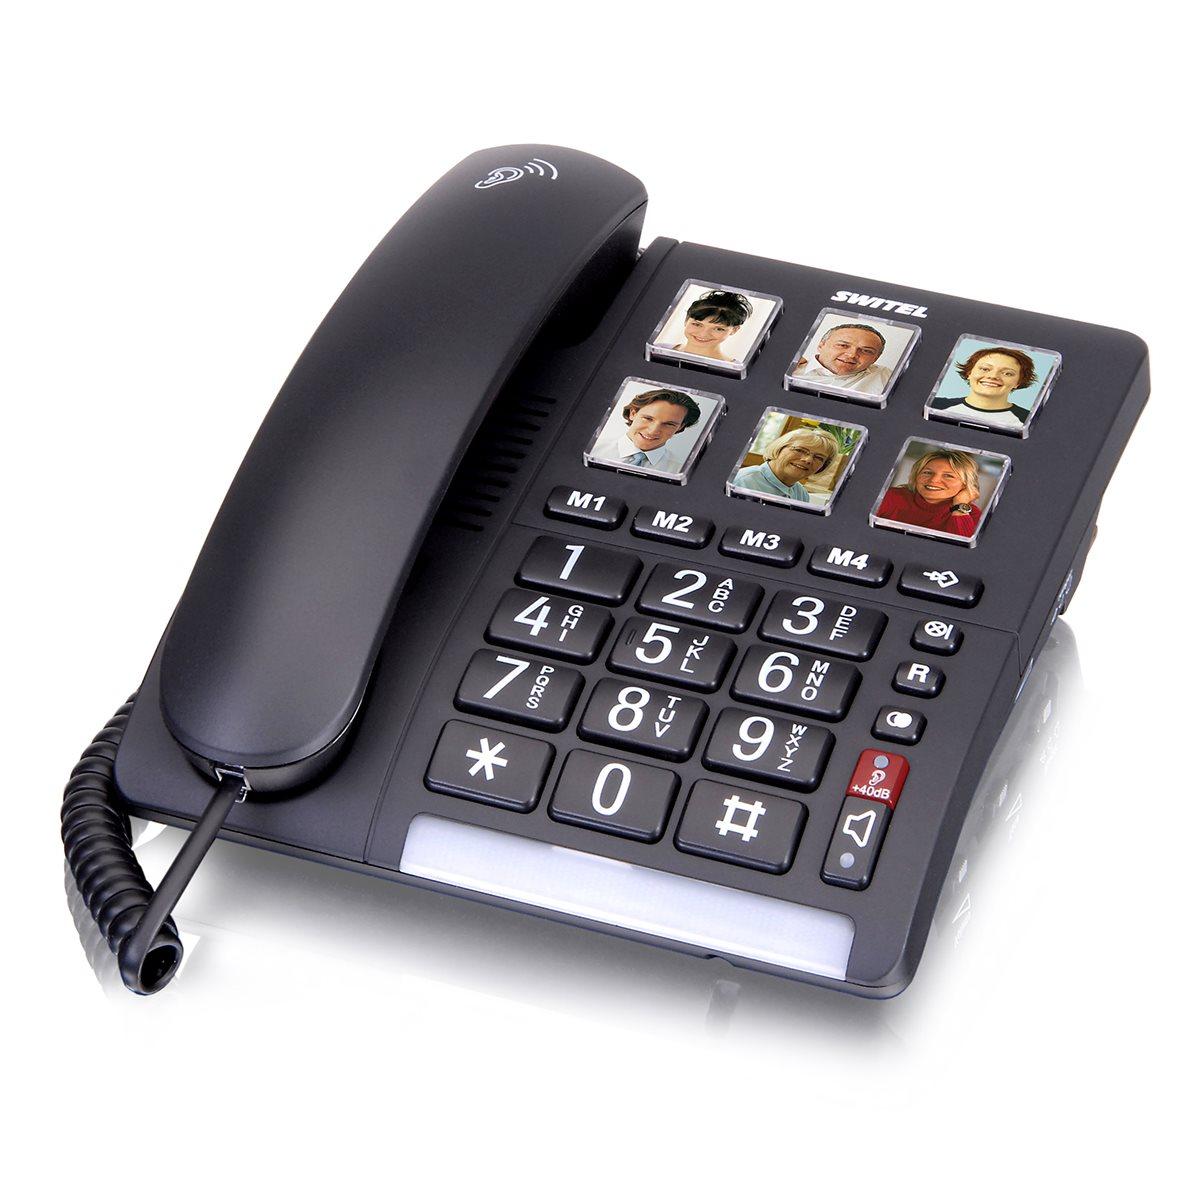 טלפון נייח עם צלצול מוגבר ולחצני תמונות TF540